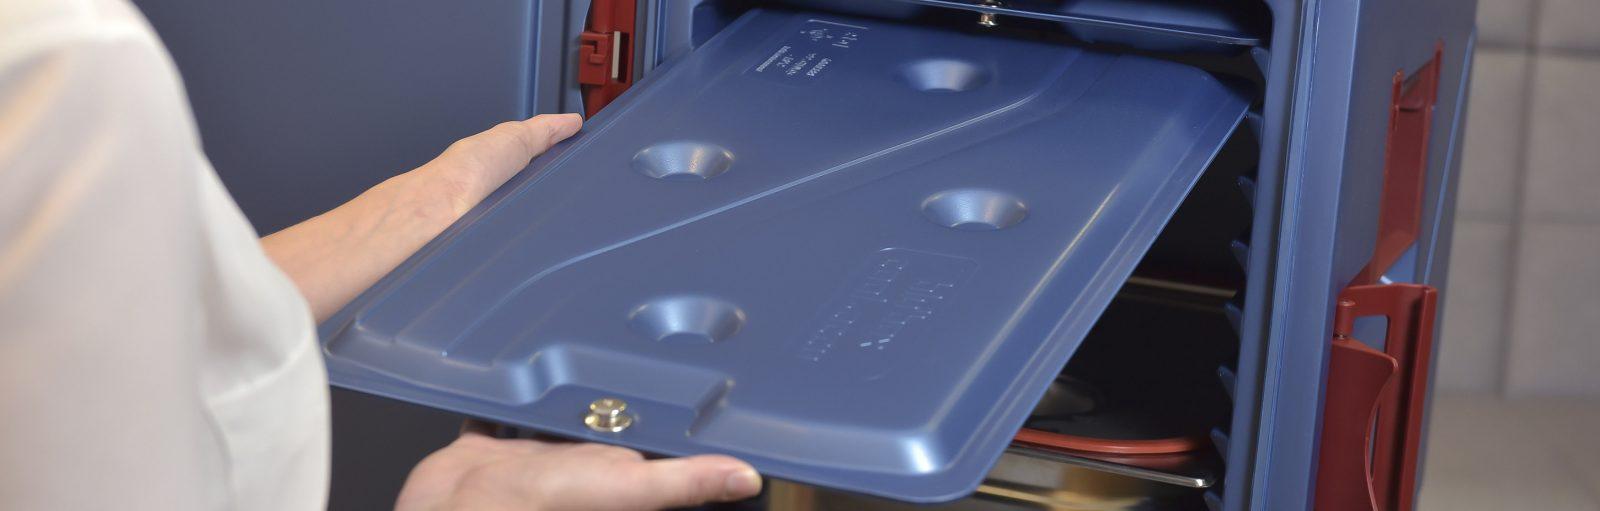 Speisetransport Speisetransportsystem Speisenverteilung Care Warmhalteboxen blu'box Transport Thermobox